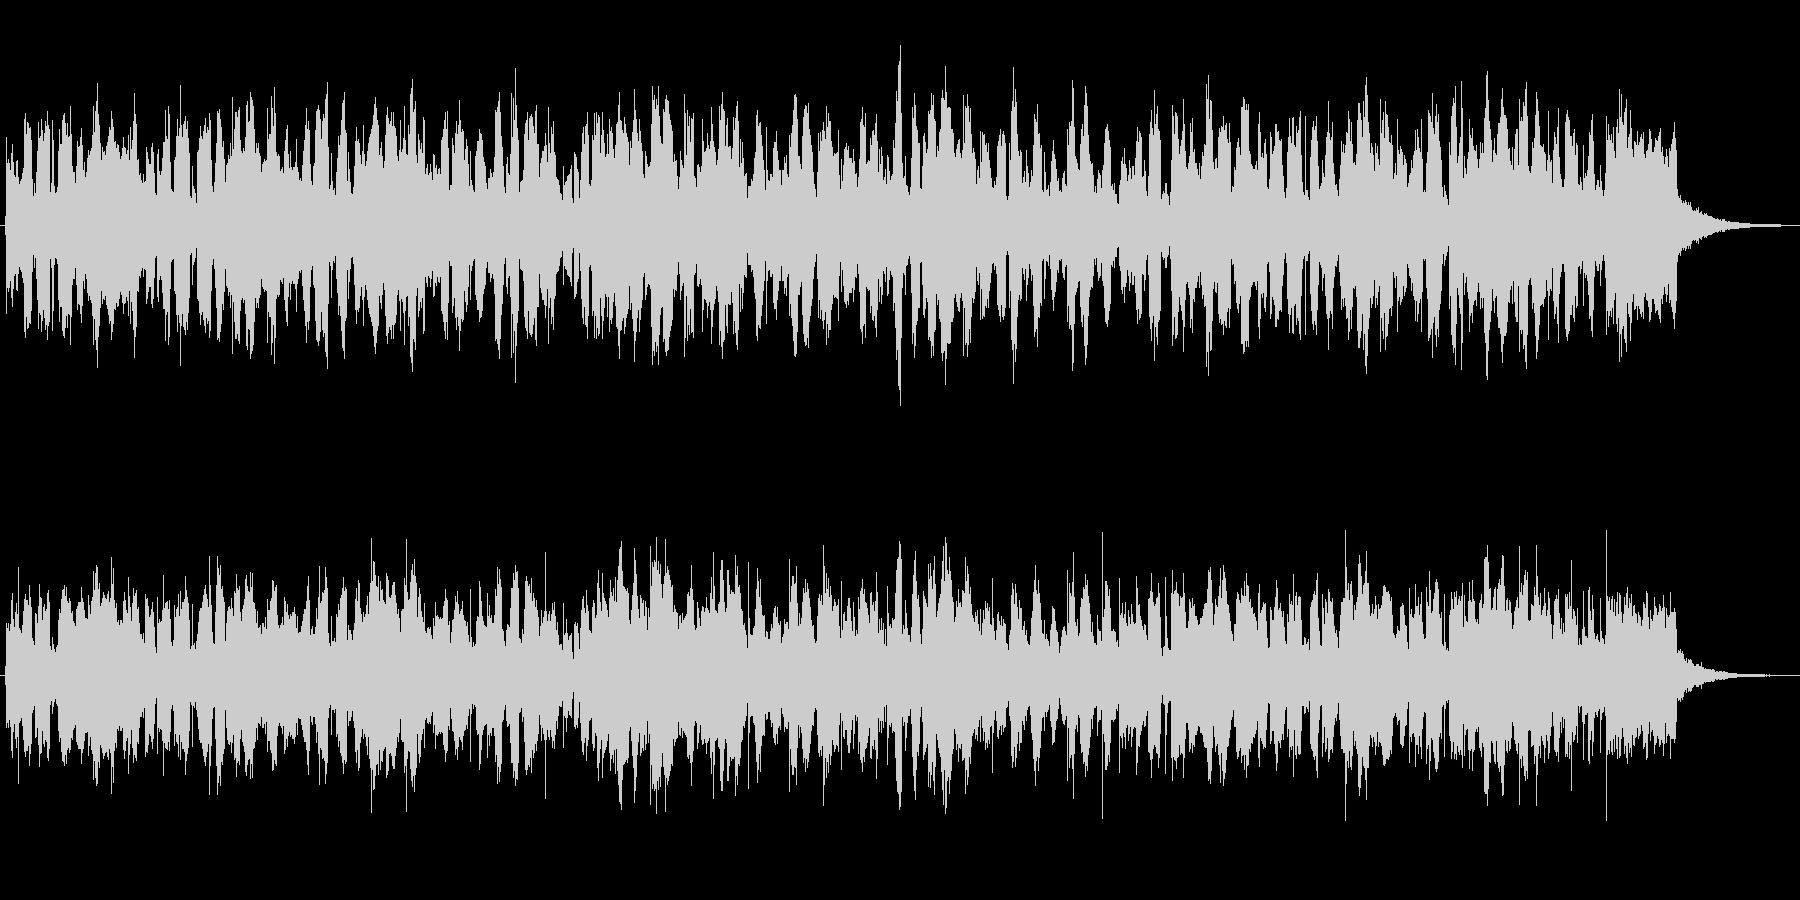 アコーディオンの牧歌風的なジングルの未再生の波形